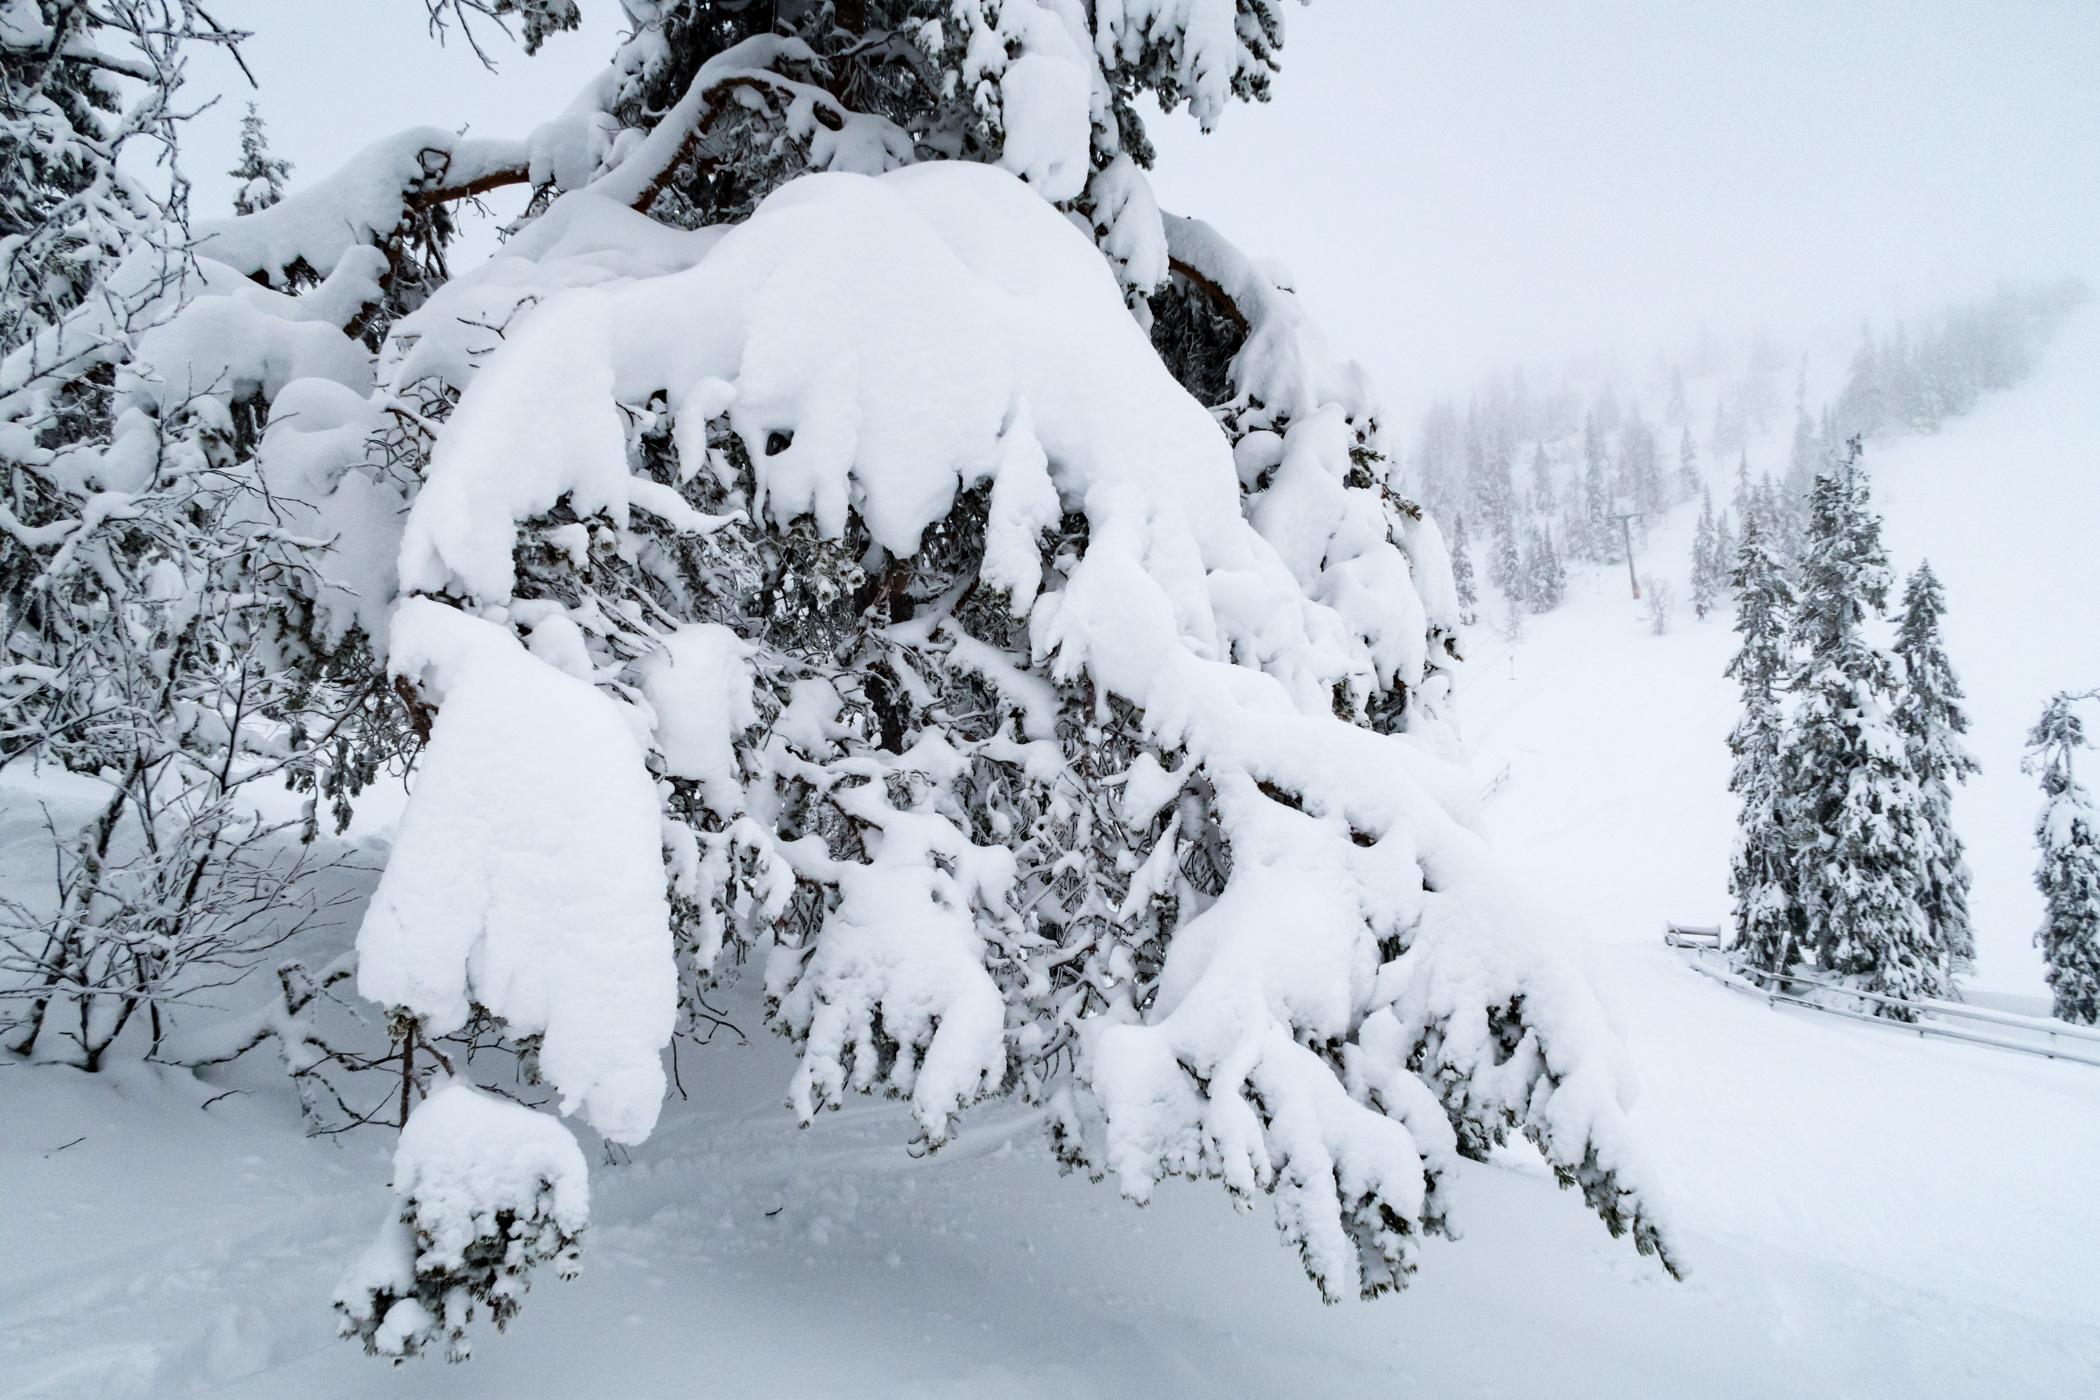 Det er hårdt arbejde at være fyrretræ på Hundfjället // Foto: Troels Kjems